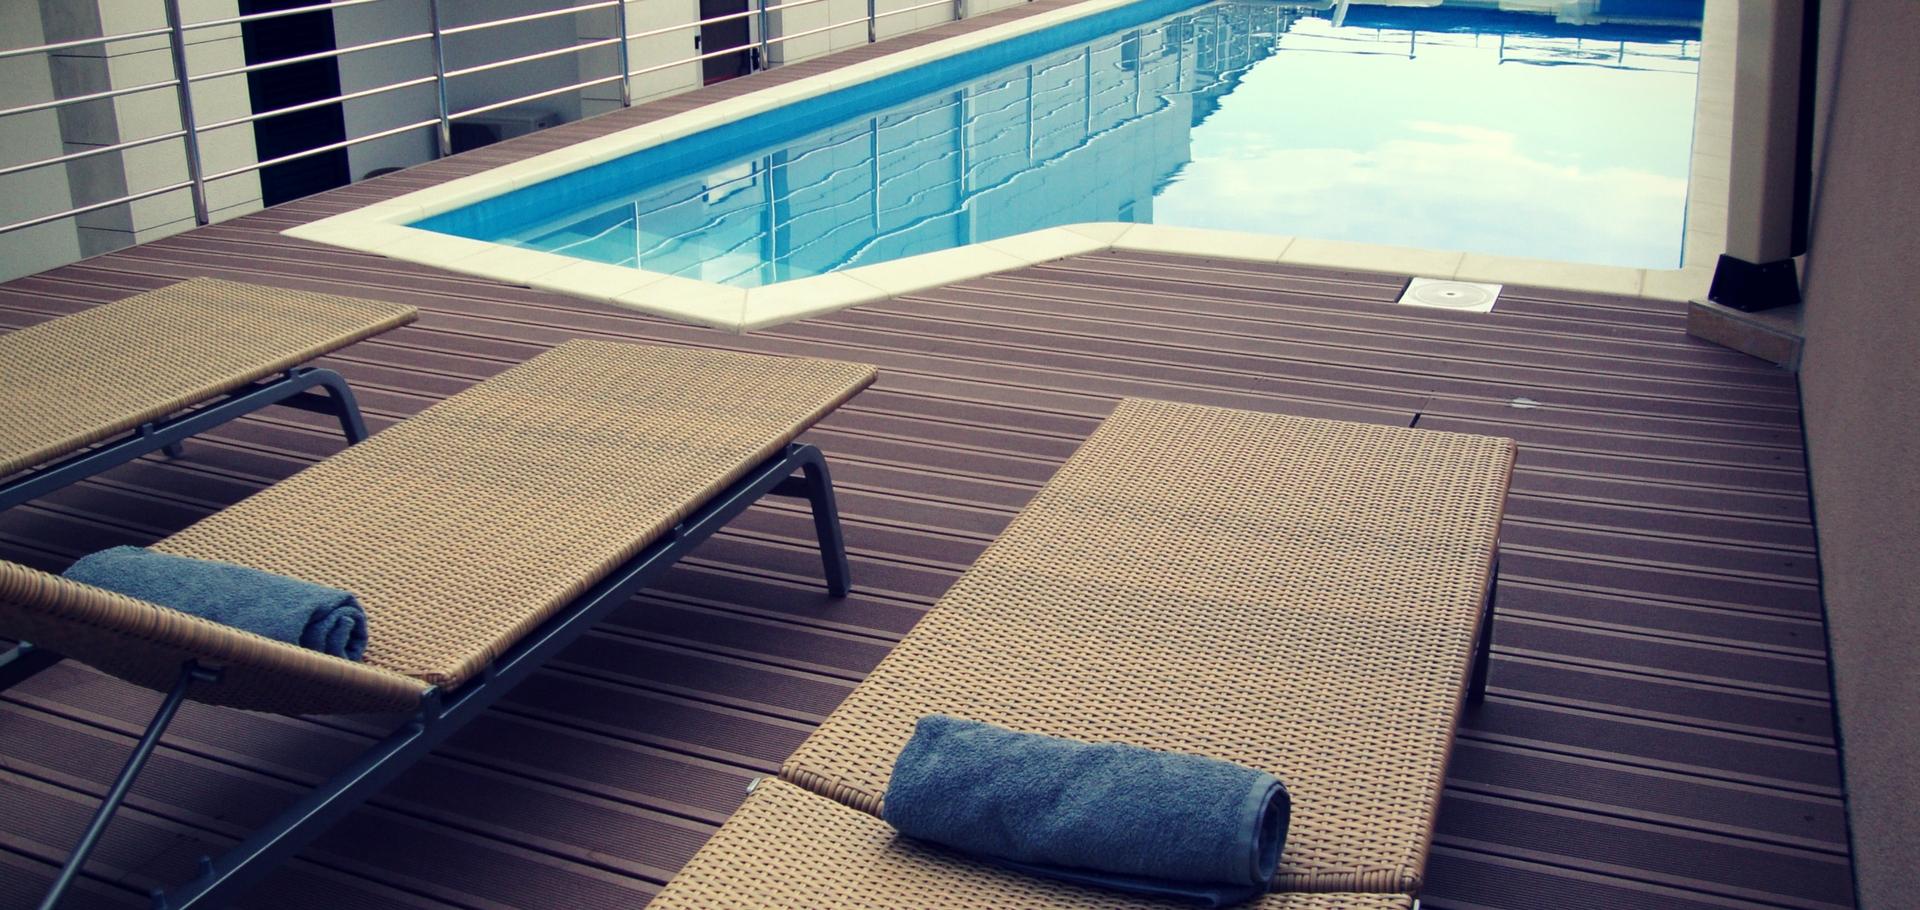 Dubrovnik hotel spa